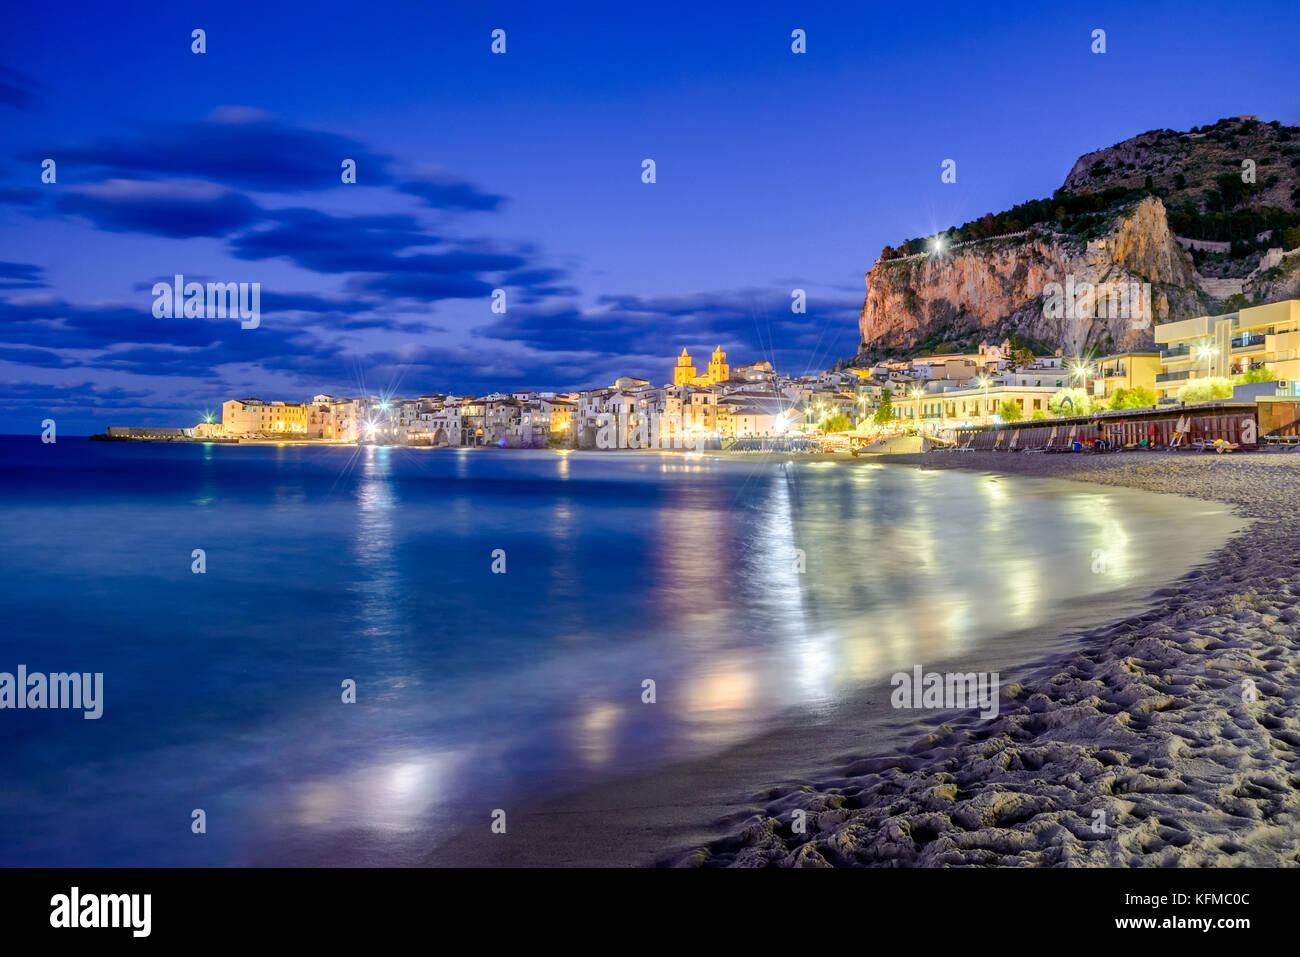 Cefalu, Sicile. Mer Ligurienne et médiévale de la ville de Sicile Cefalu. Province de Palerme, Italie. Photo Stock